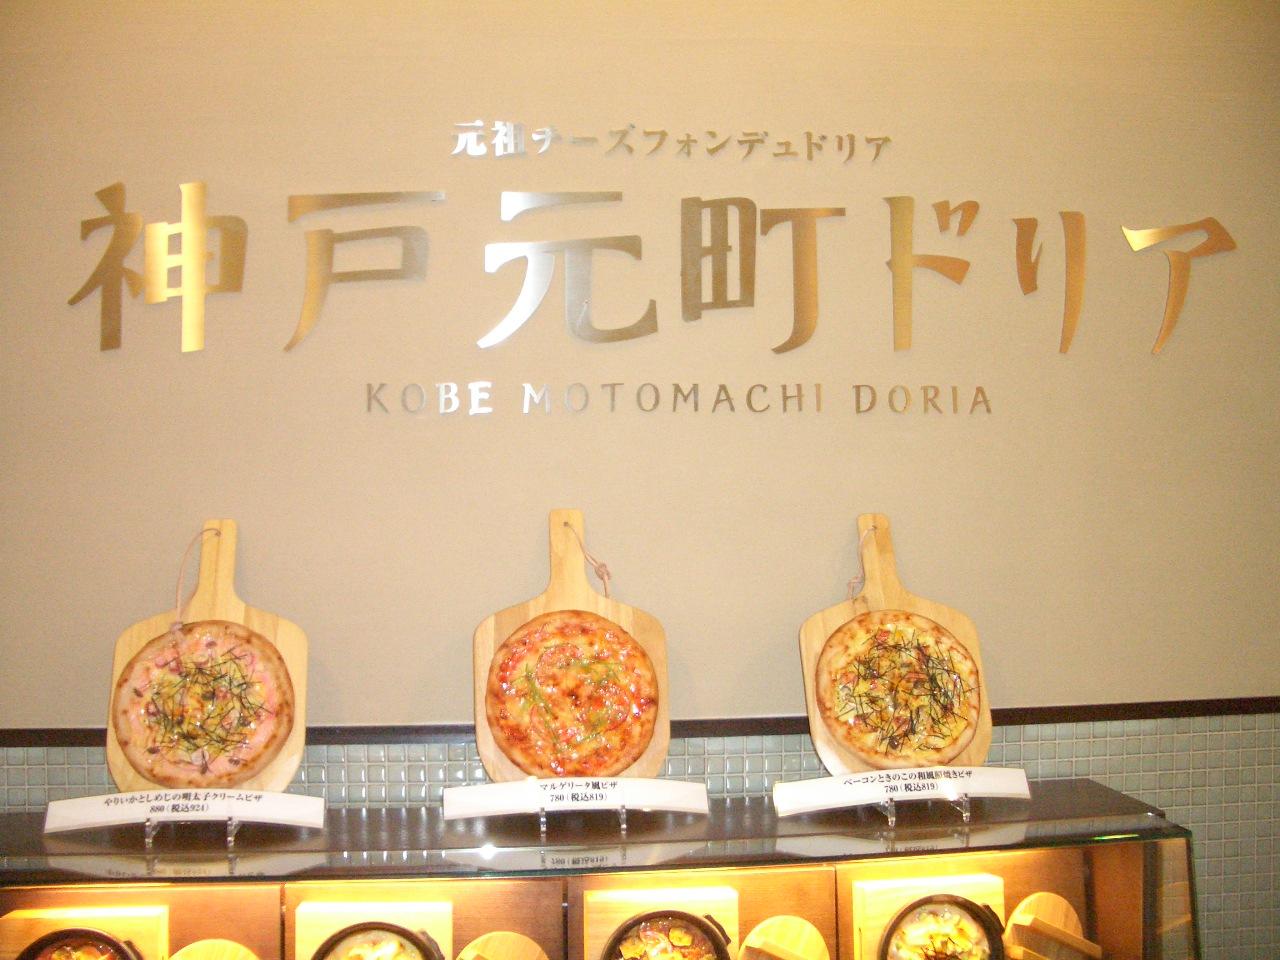 神戸元町ドリア デュオこうべ店